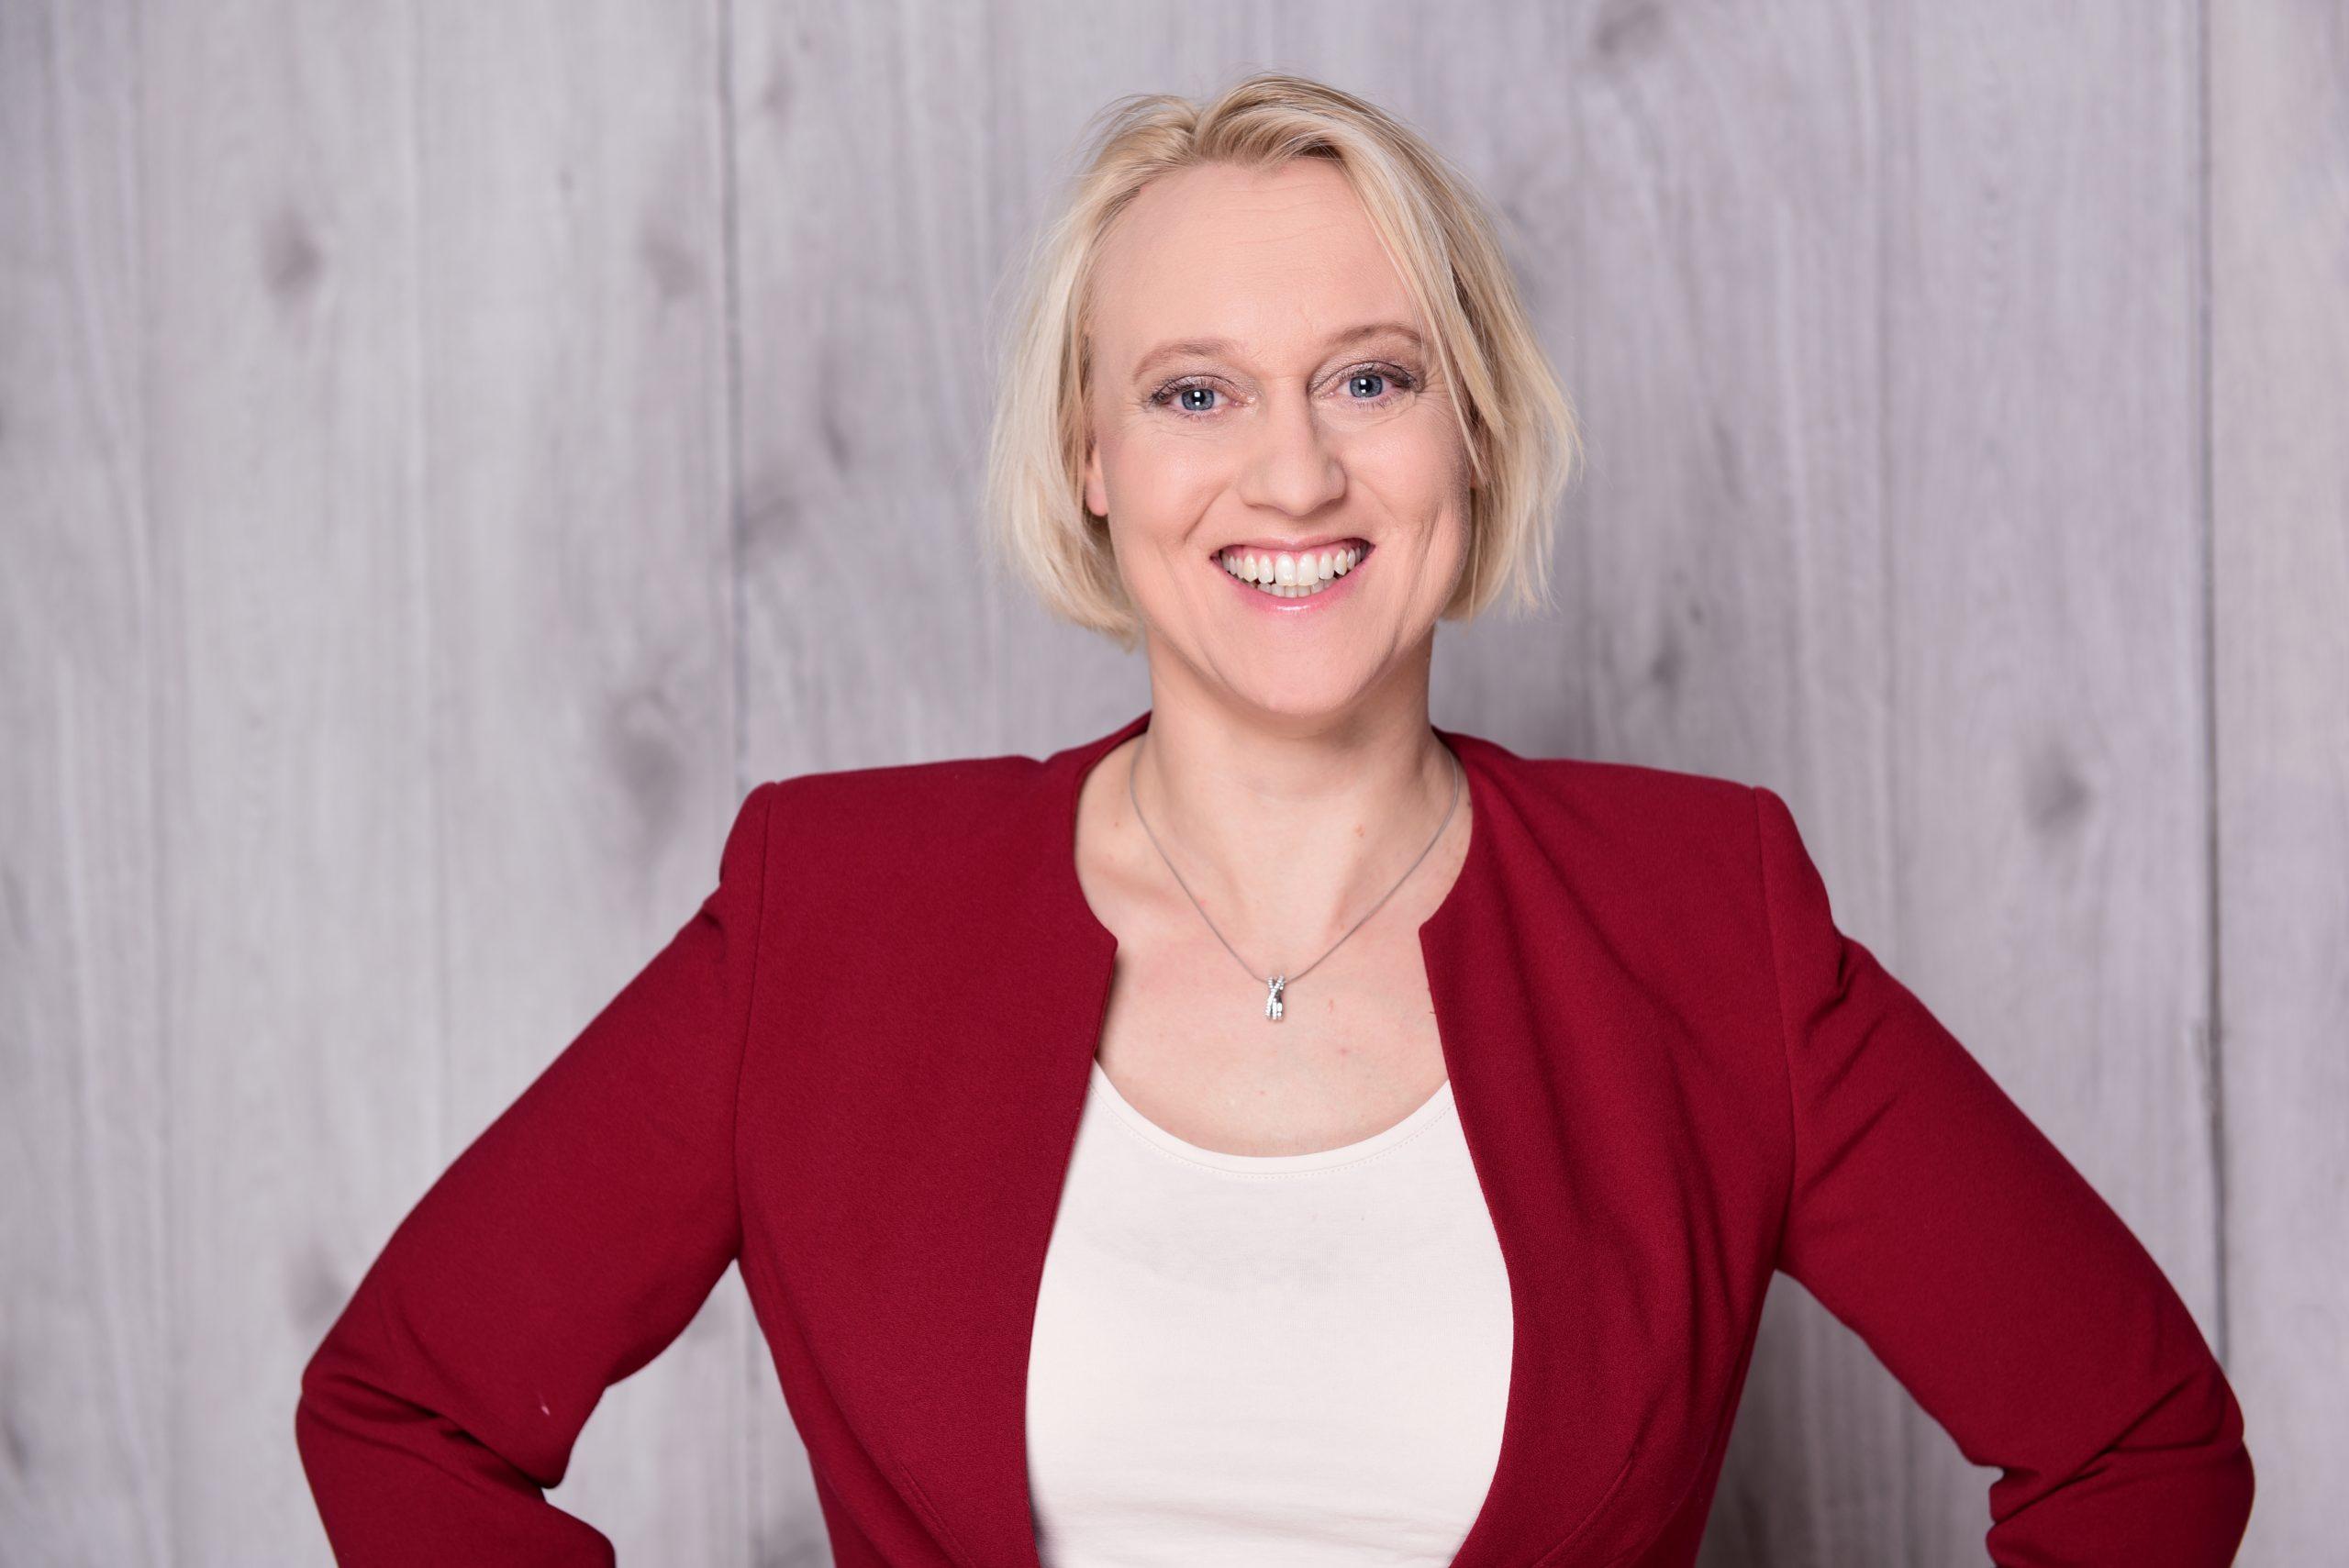 Stimmtraining mit Stimmexpertin Julia Schneider